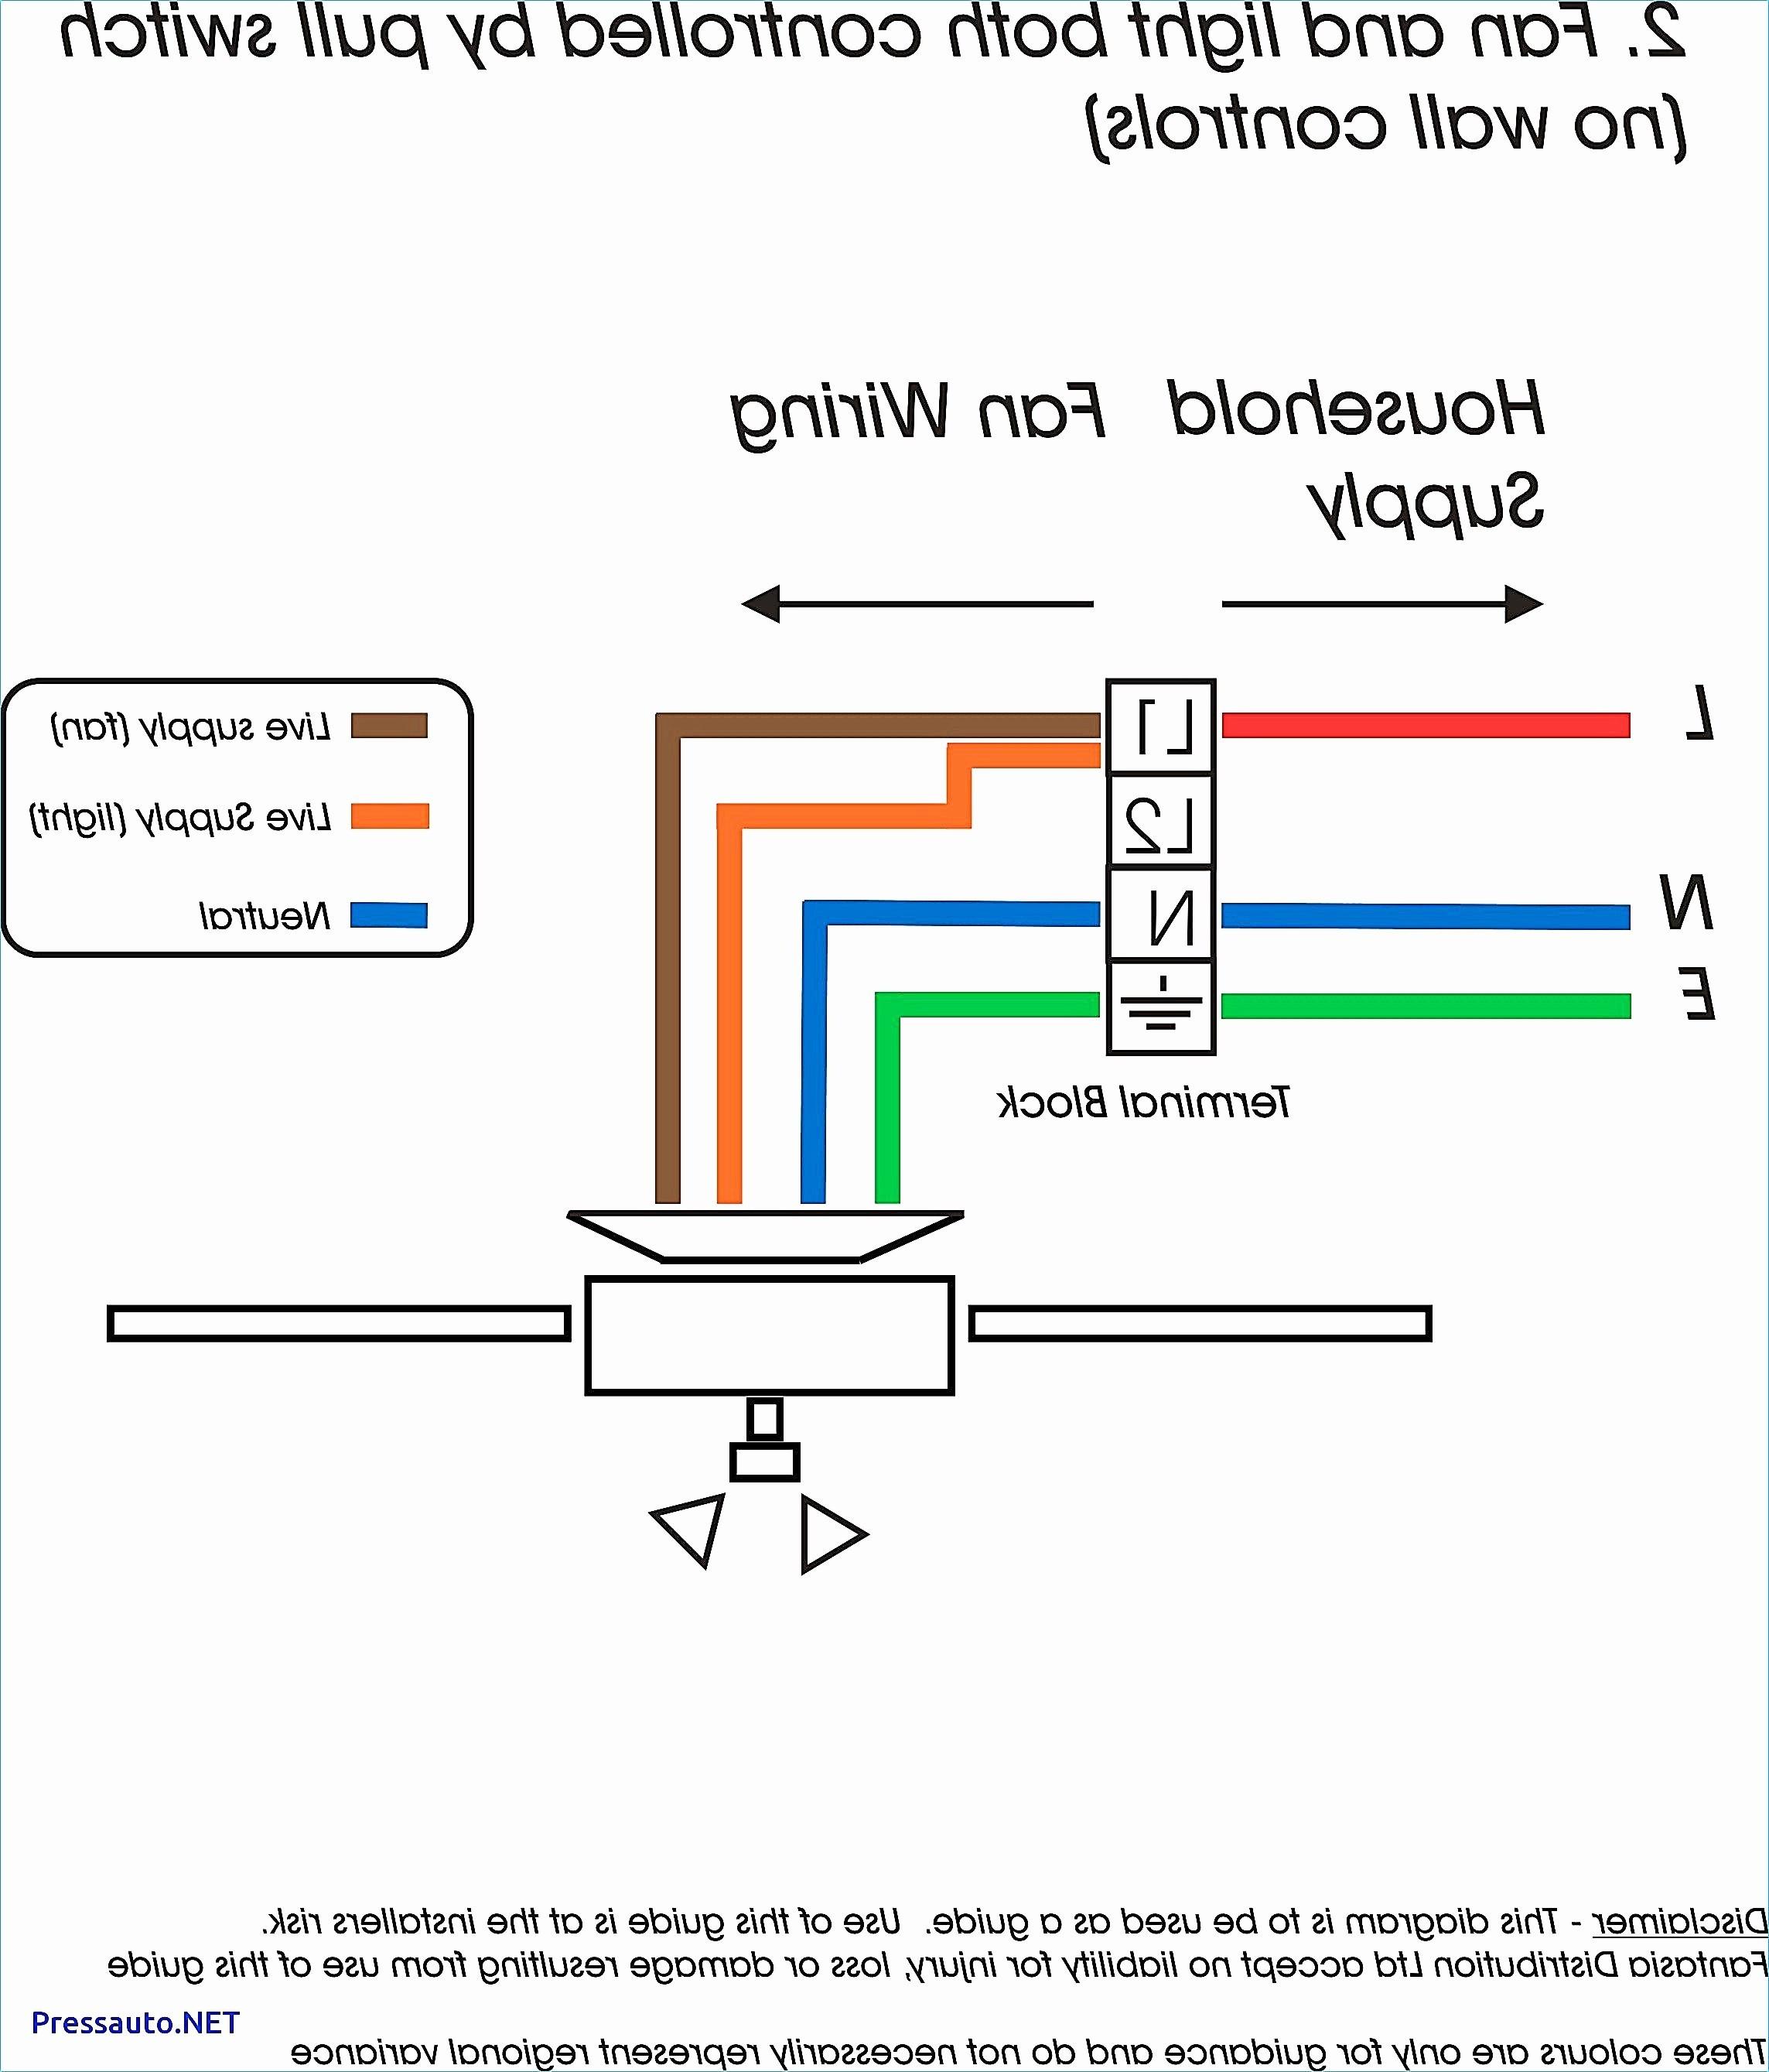 free wiring schematic software - ic alternator wiring diagram valid free  circuit diagram software 3p